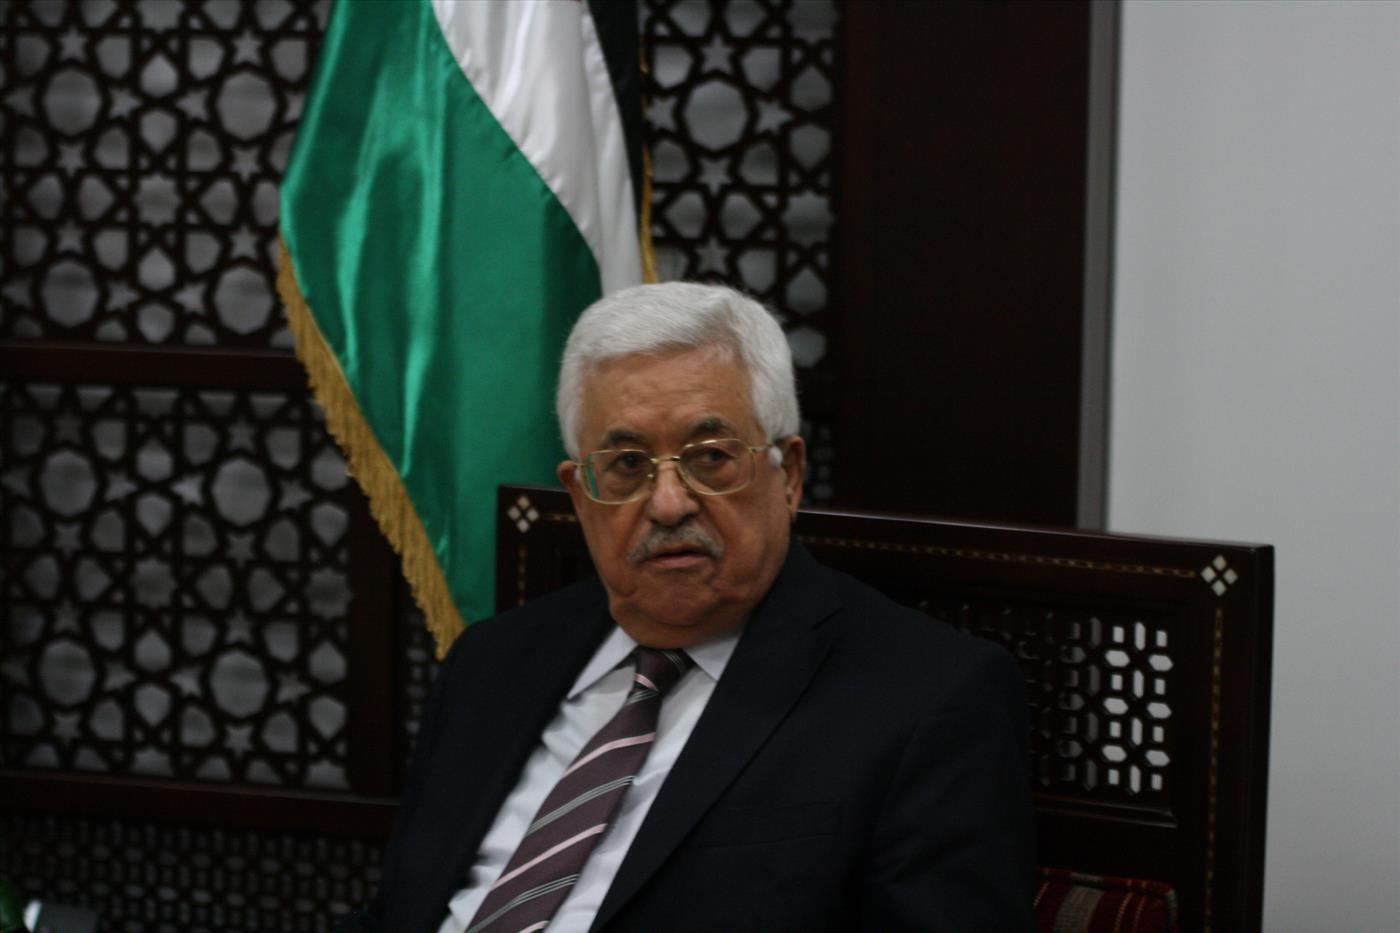 להיכן נעלם הכסף של הרשות הפלסטינית?